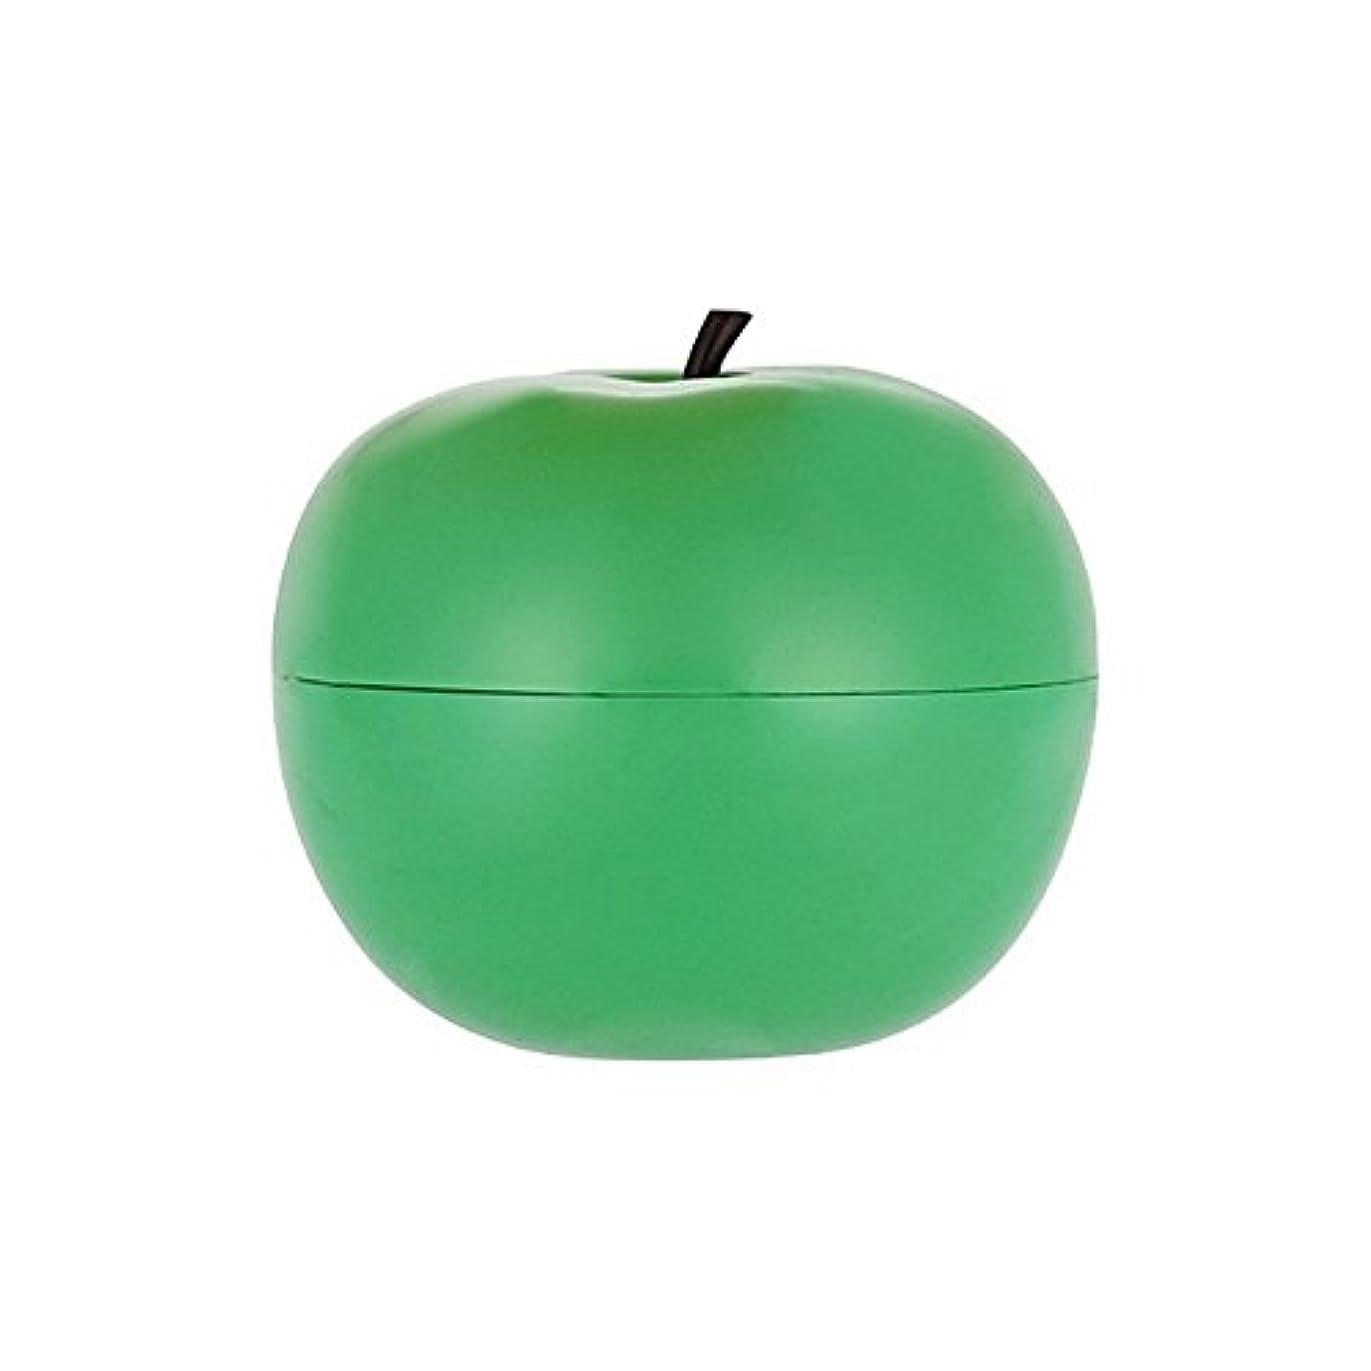 流用する行商コミットメントTony Moly Appletox Smooth Massage Peeling Cream 80G - トニーモリースムーズマッサージピーリングクリーム80グラム [並行輸入品]